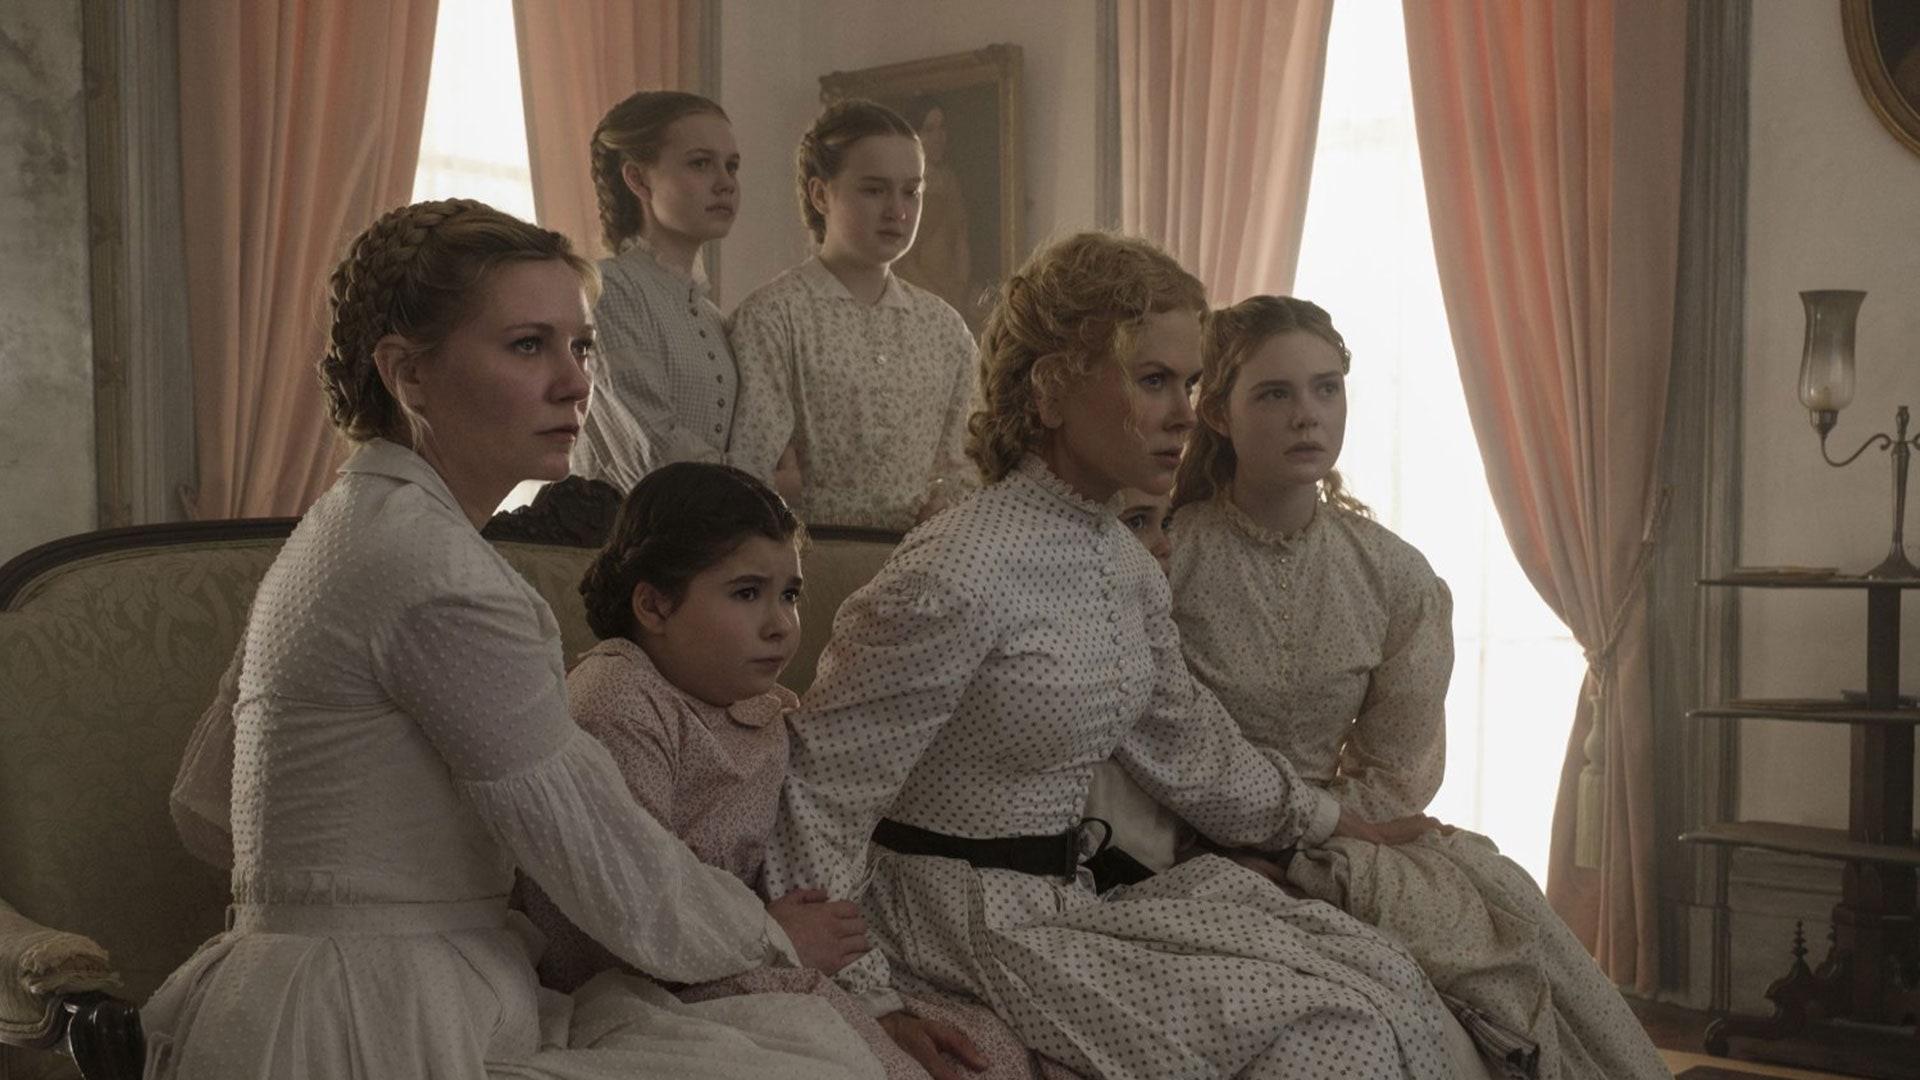 5 лучших фильмов о жизни в 19 веке, которые будут интересны многим женщинам